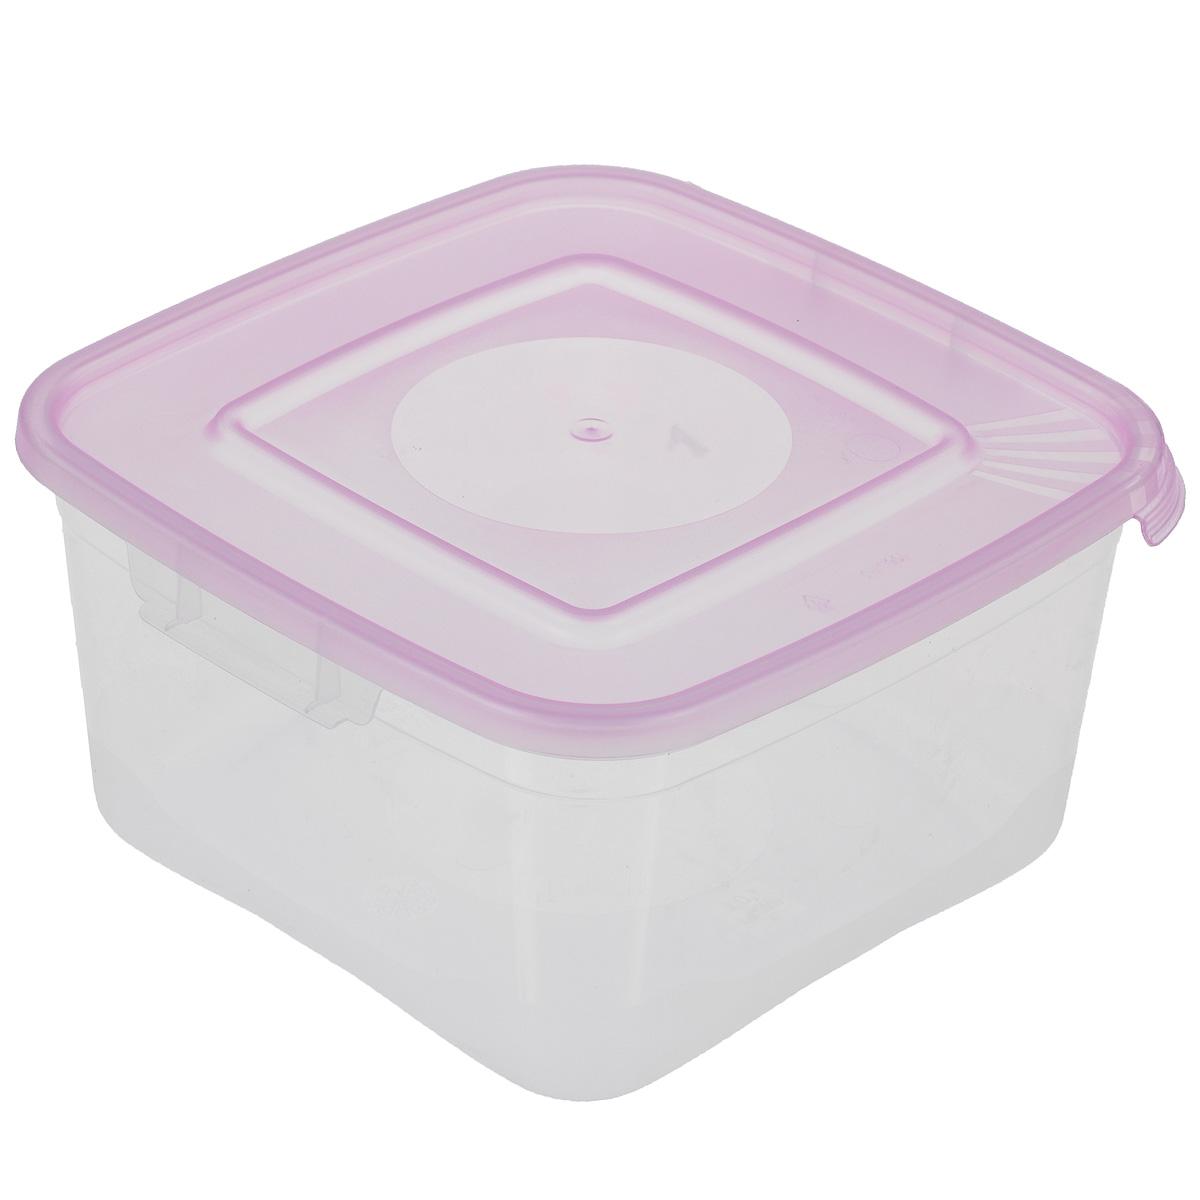 Контейнер Полимербыт Каскад, цвет: прозрачный, сиреневый, 1 лС670Контейнер Полимербыт Каскад квадратной формы, изготовленный из прочного пластика, предназначен специально для хранения пищевых продуктов. Крышка легко открывается и плотно закрывается.Контейнер устойчив к воздействию масел и жиров, легко моется. Прозрачные стенки позволяют видеть содержимое. Контейнер имеет возможность хранения продуктов глубокой заморозки, обладает высокой прочностью. Можно мыть в посудомоечной машине. Подходит для использования в микроволновых печах.